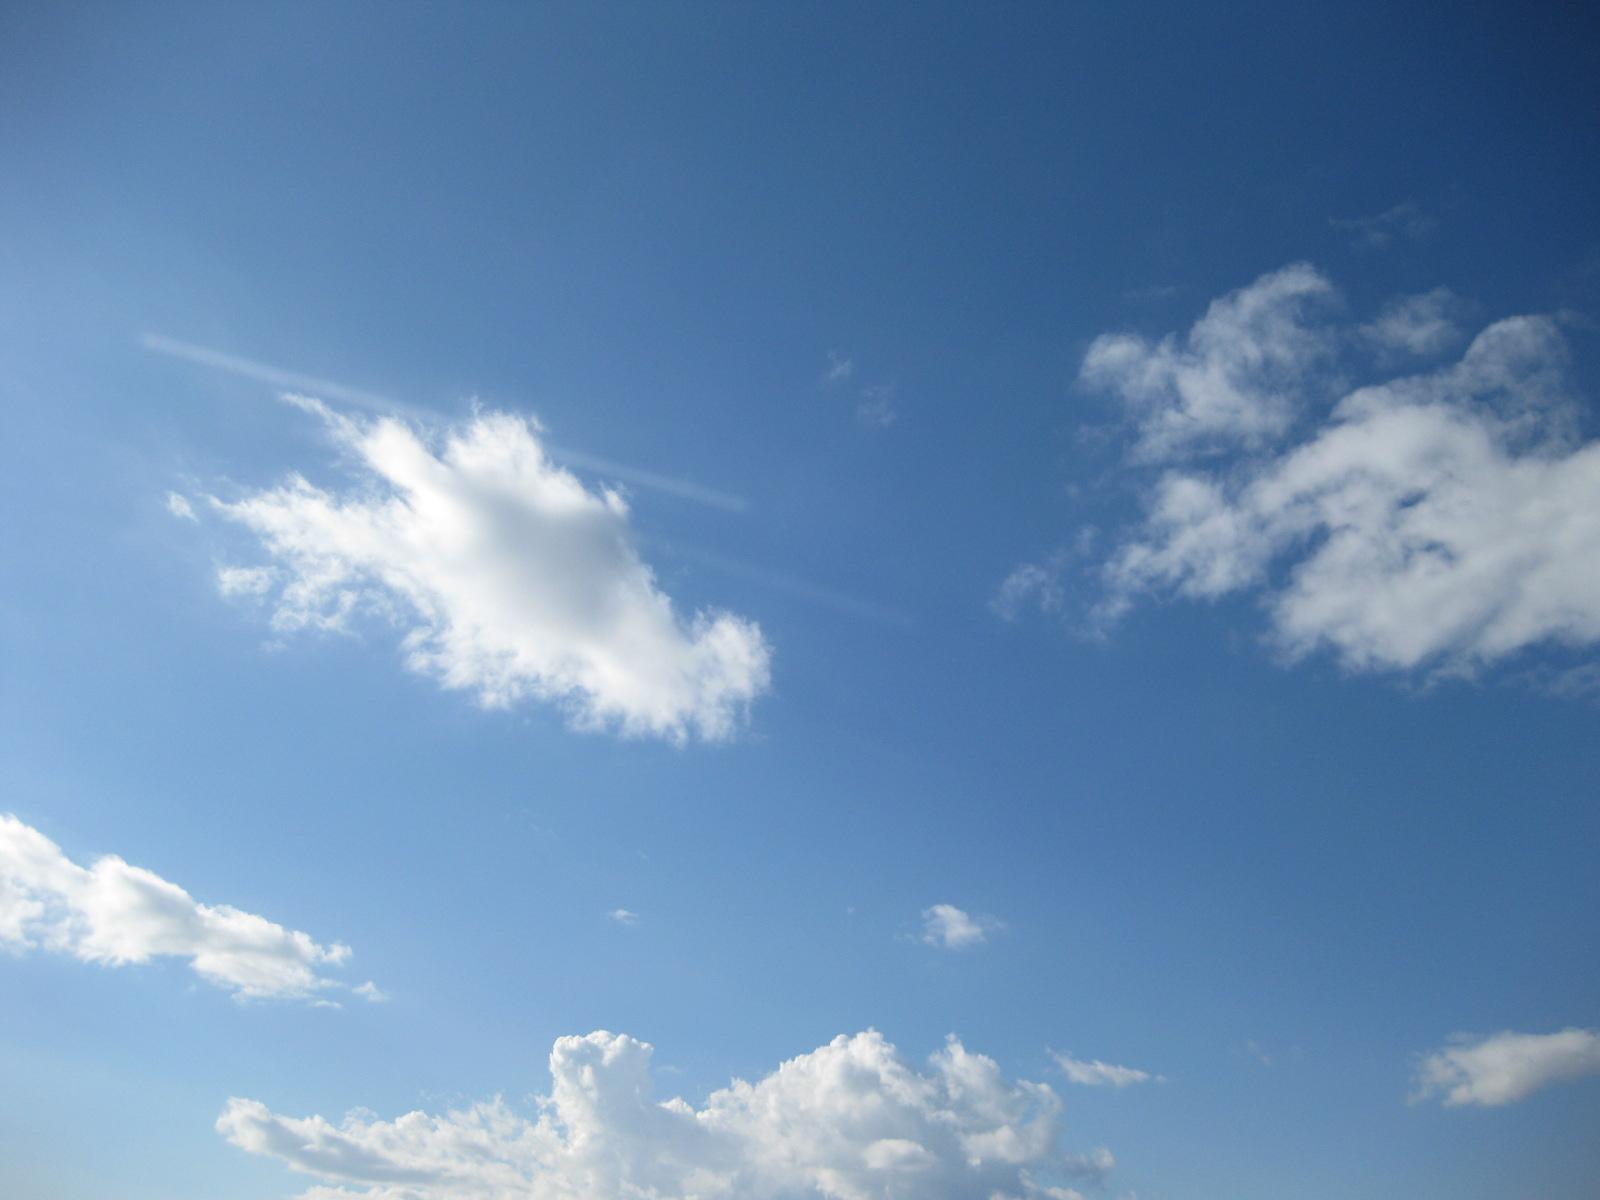 前立腺 膀胱付近の不快感 鈍痛 抜け毛 原因 鍼灸治療 鍼灸(はりきゅう)治療院 東京都葛飾区東新小岩 新小岩